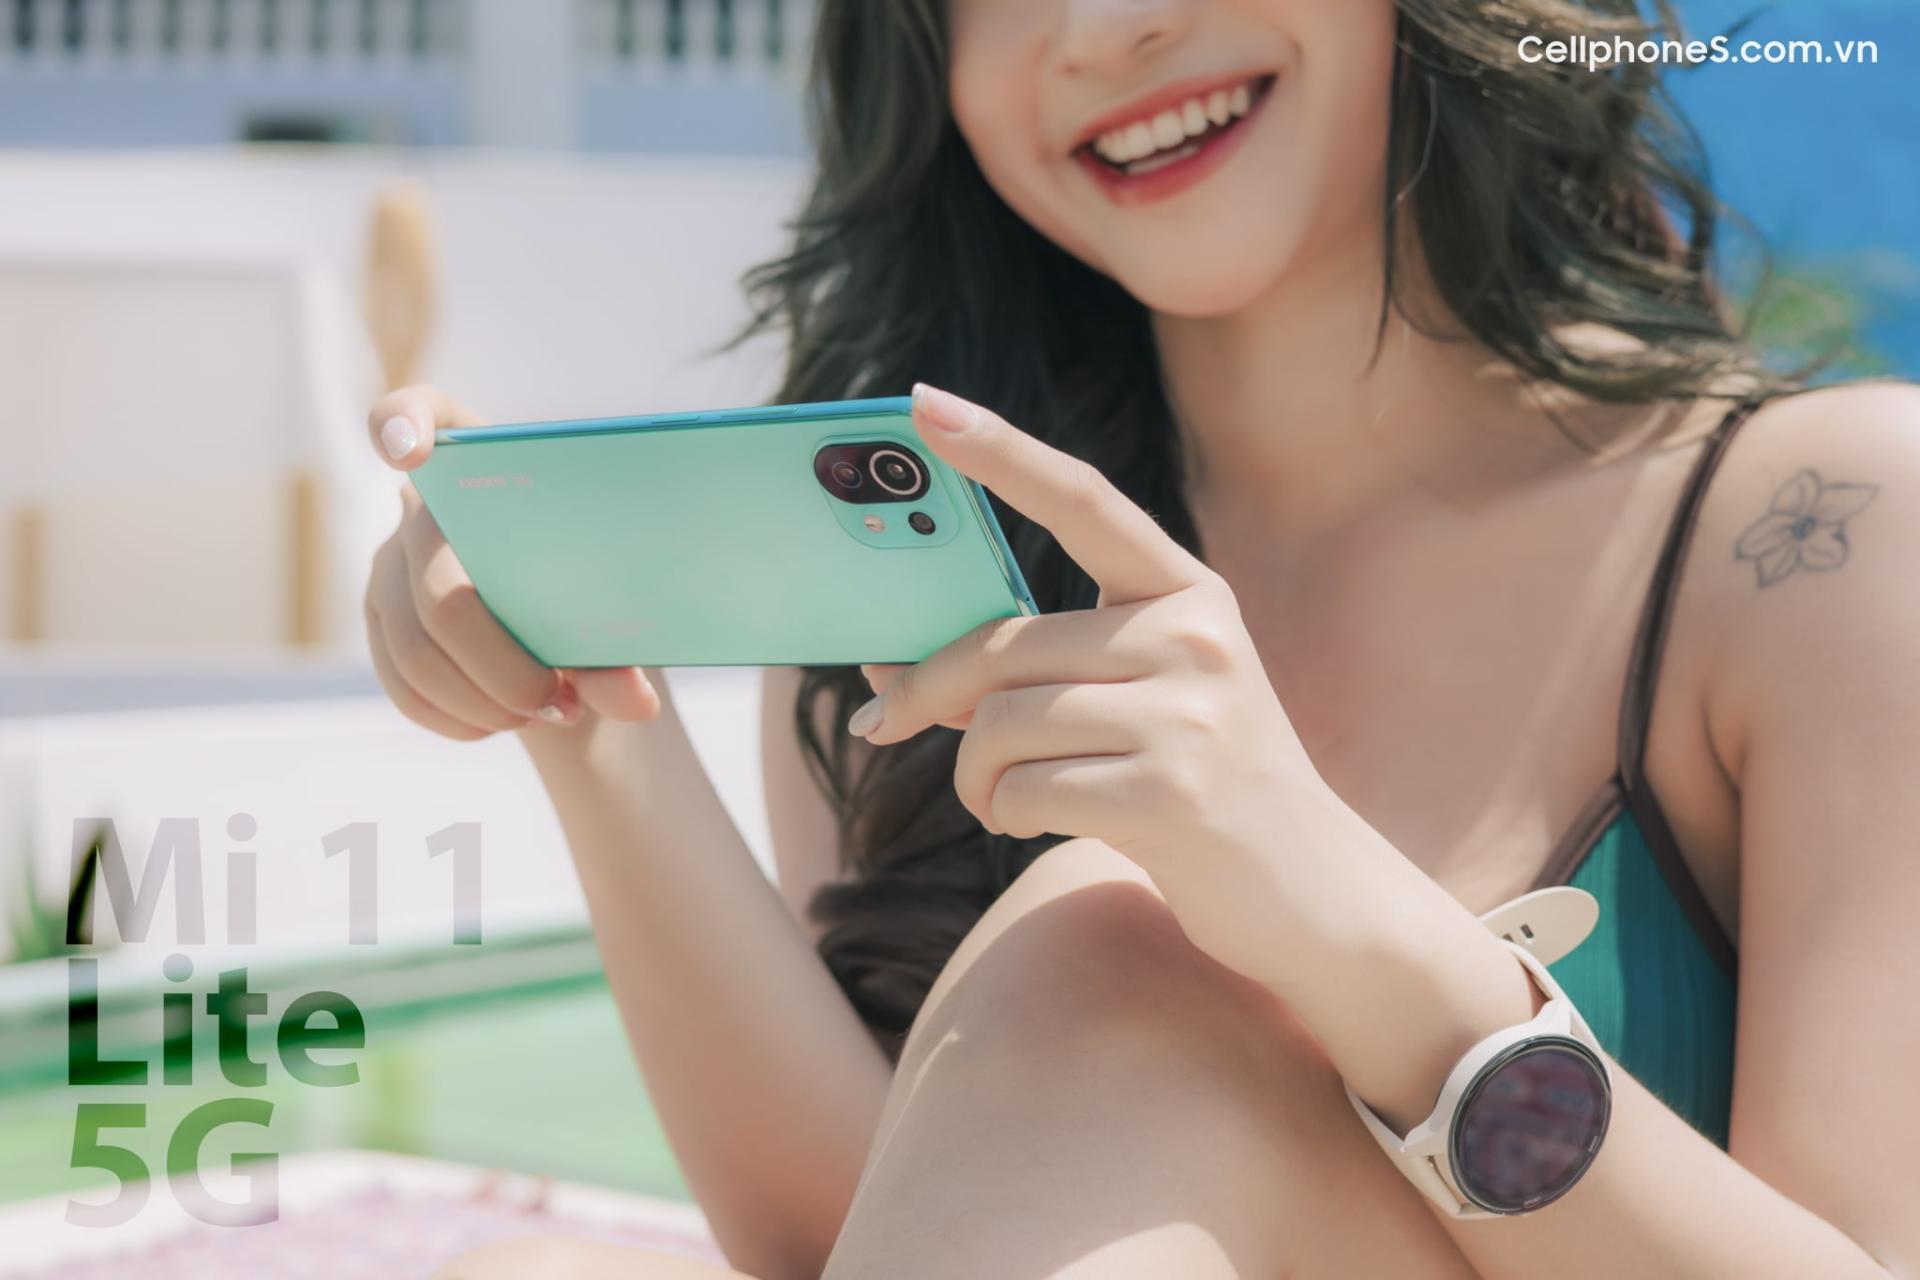 Xiaomi Mi 11 Lite 5G bán độc quyền tại CellphoneS, đặt trước từ hôm nay